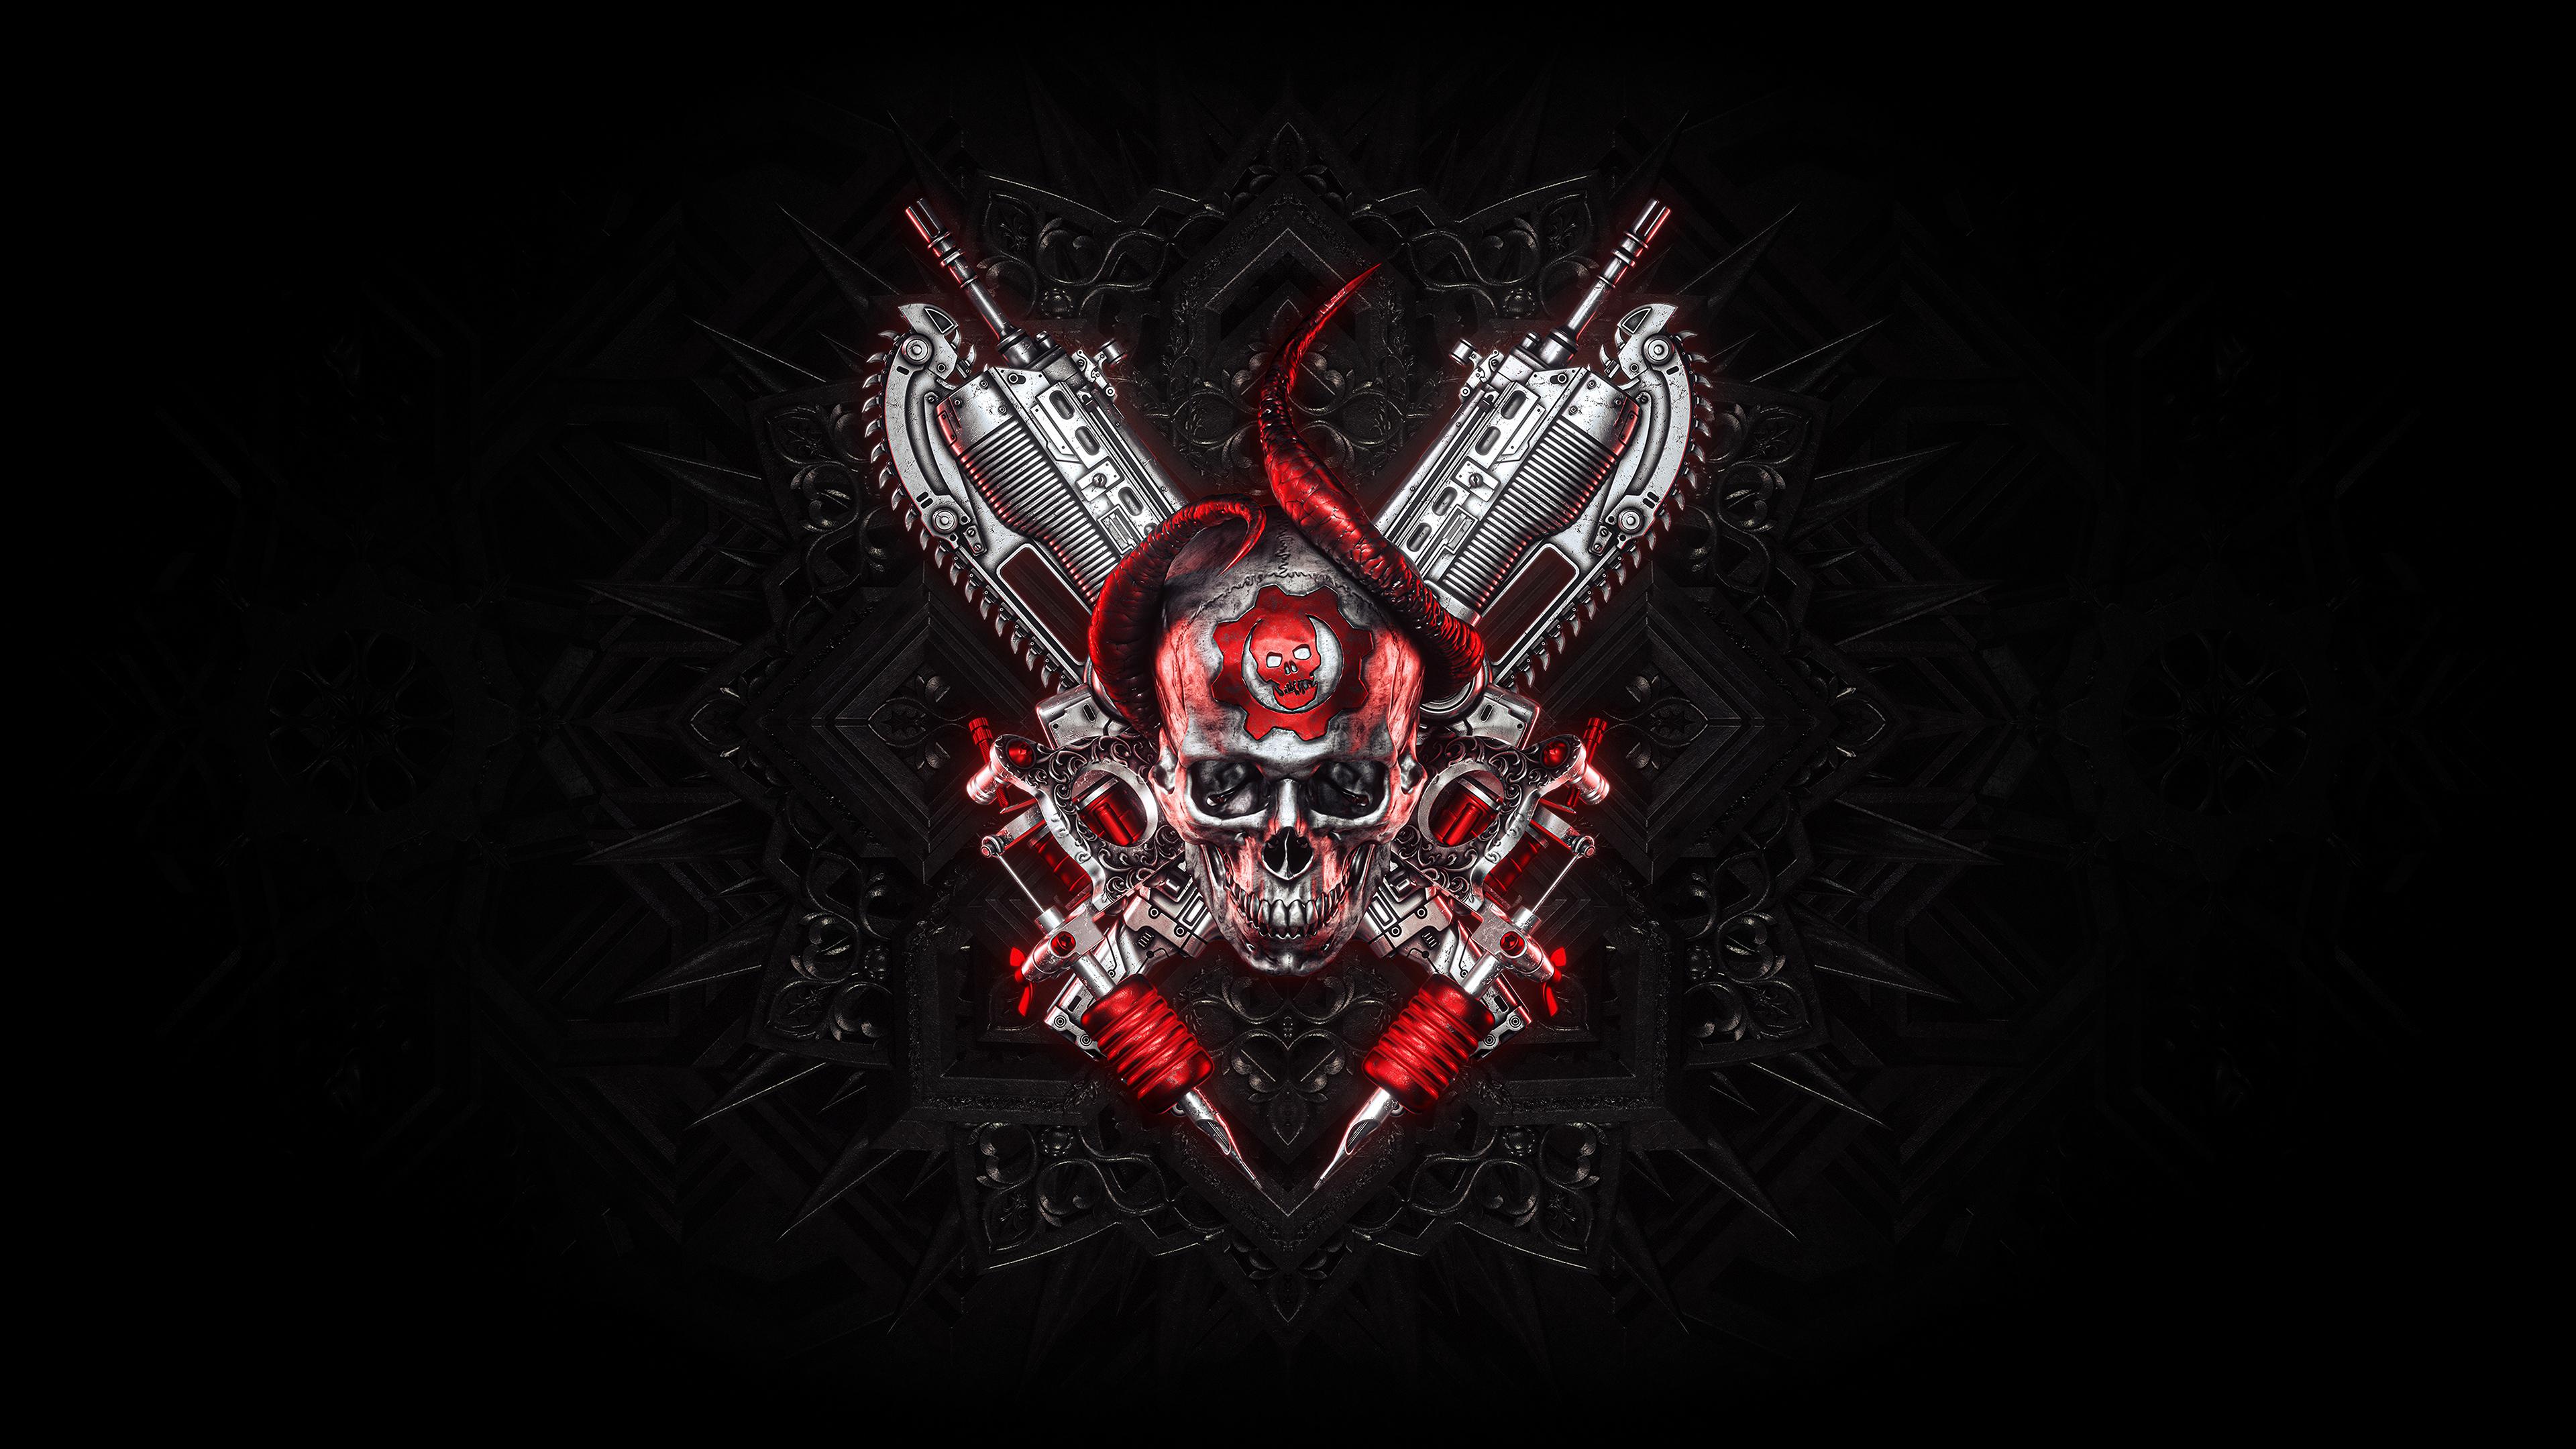 Gears Of War Logo 4k Wallpaper Hd Artist 4k Wallpapers